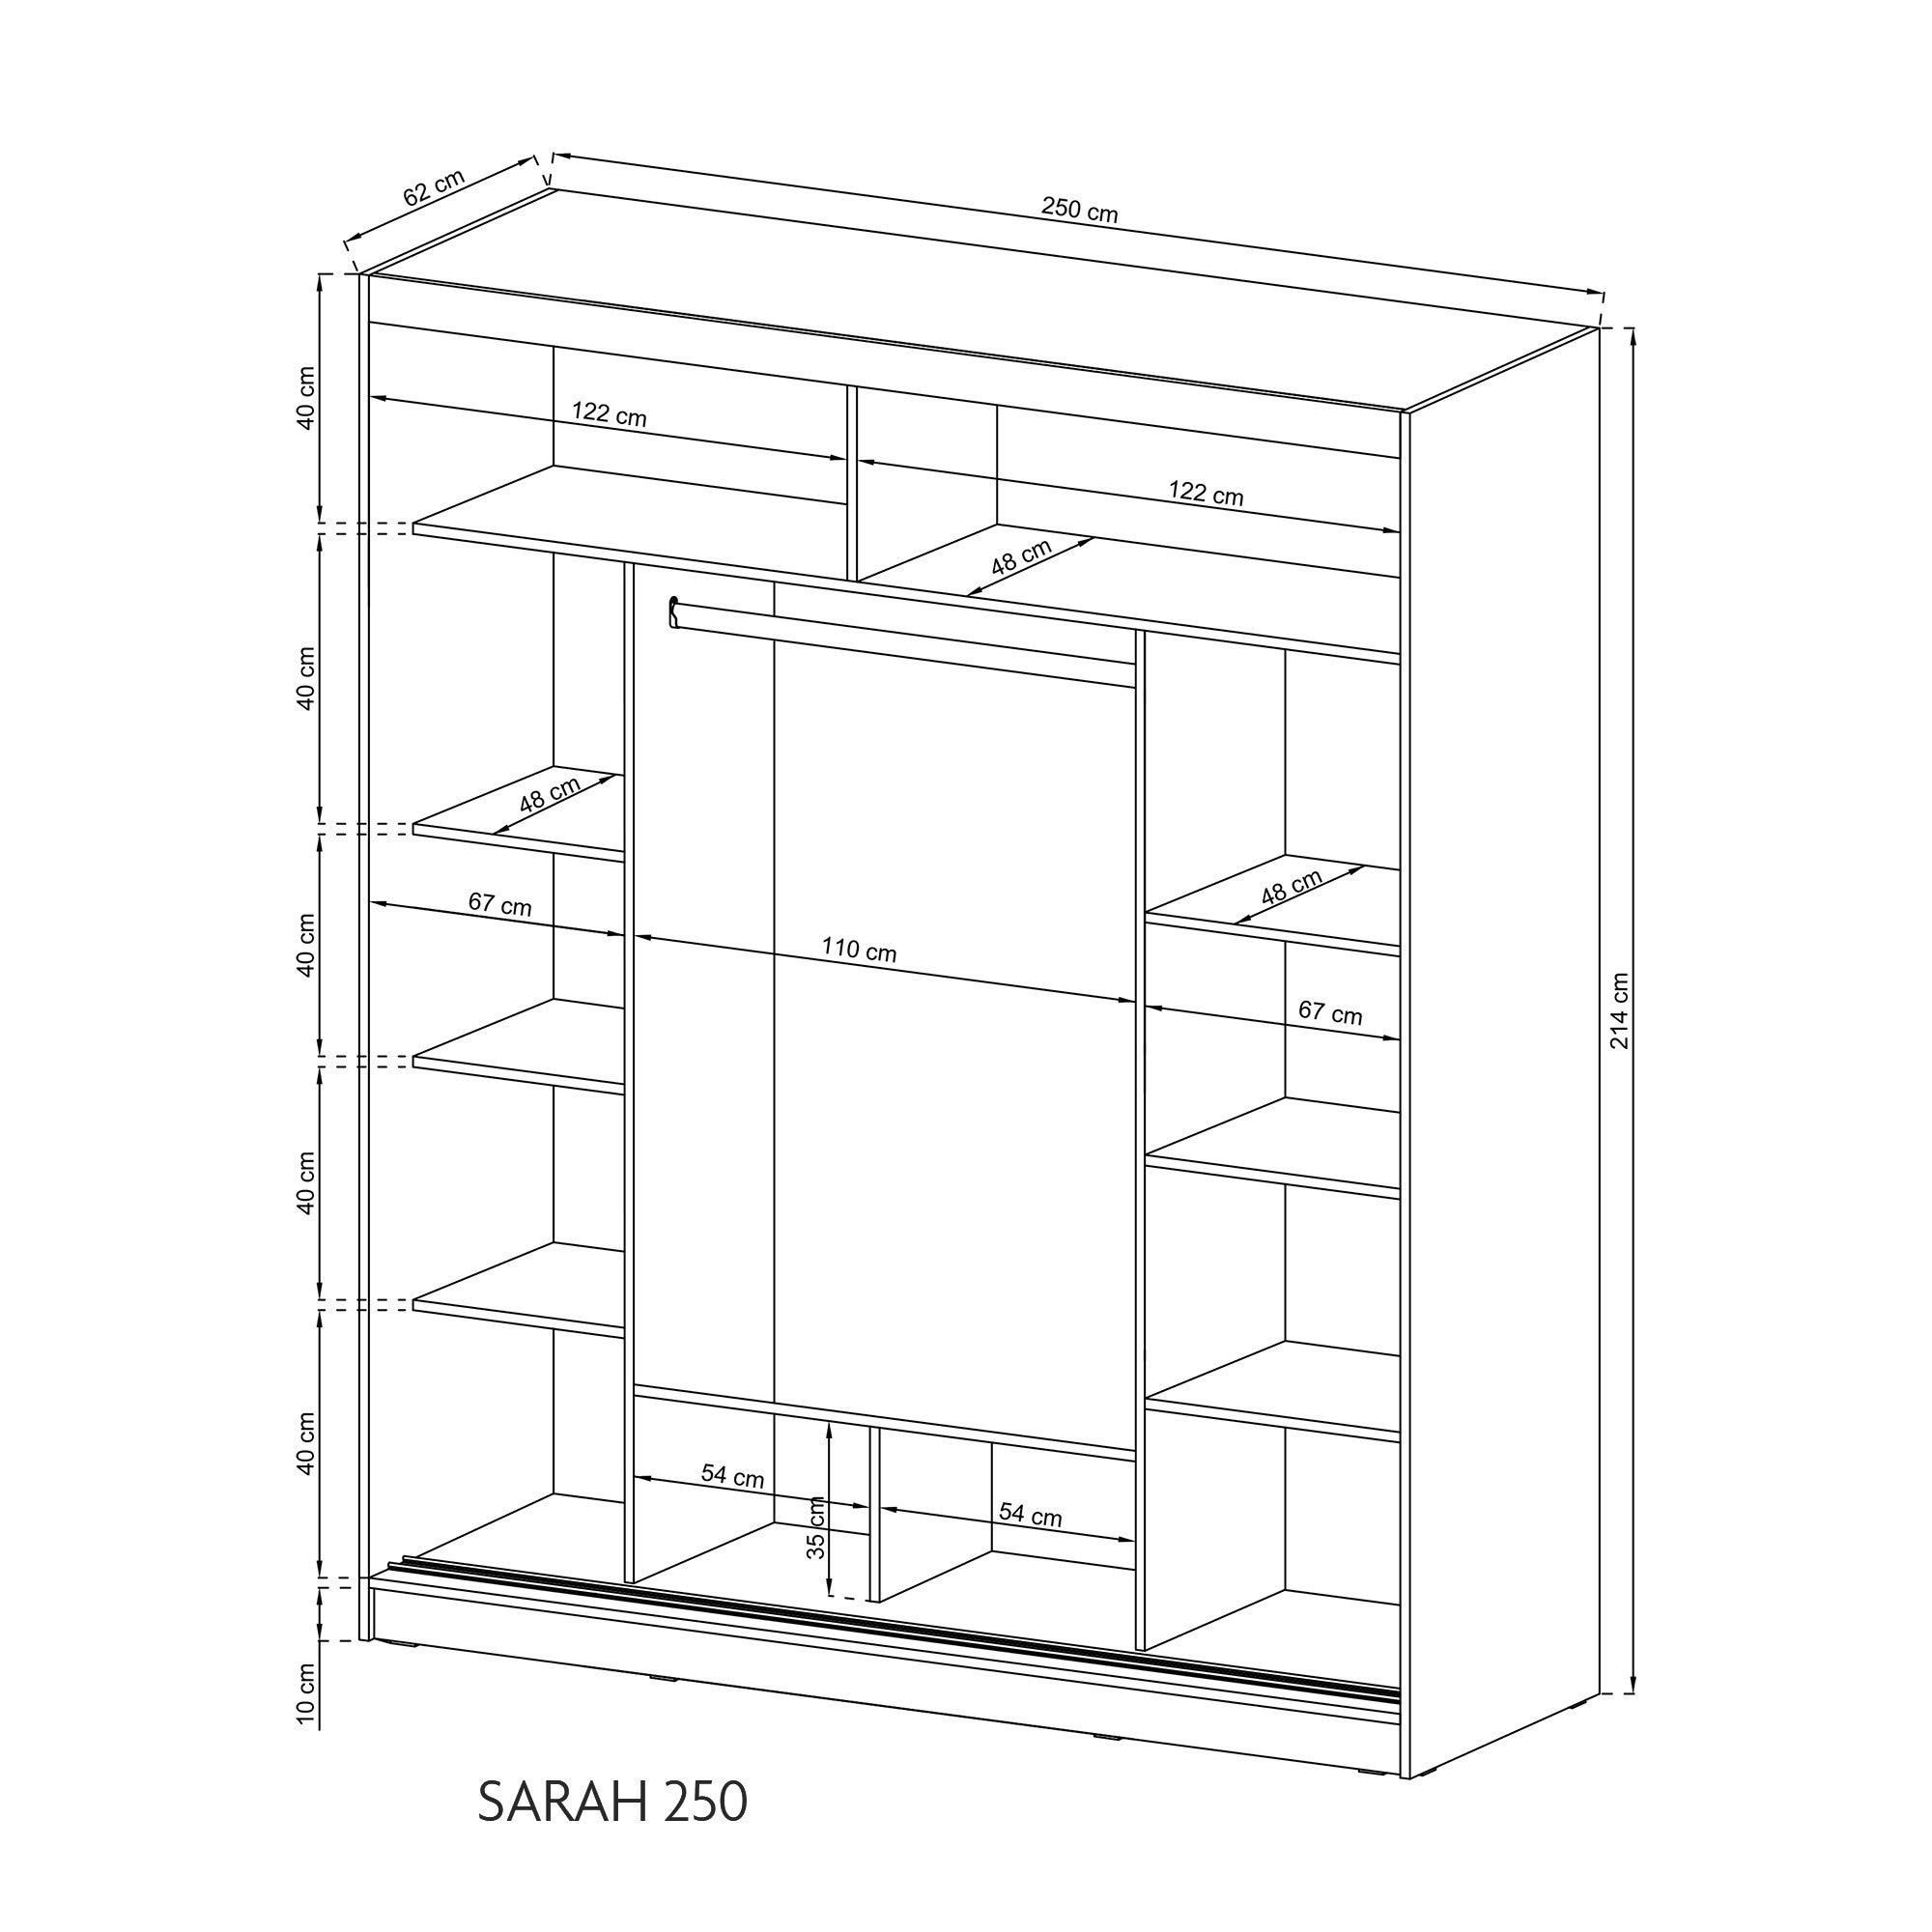 PSK SARAH 250 ALU - Armario con 3 puertas correderas con espejo retrovisor de aluminio, bordes horizontales grandes, luces LED de color gris: Amazon.es: Hogar